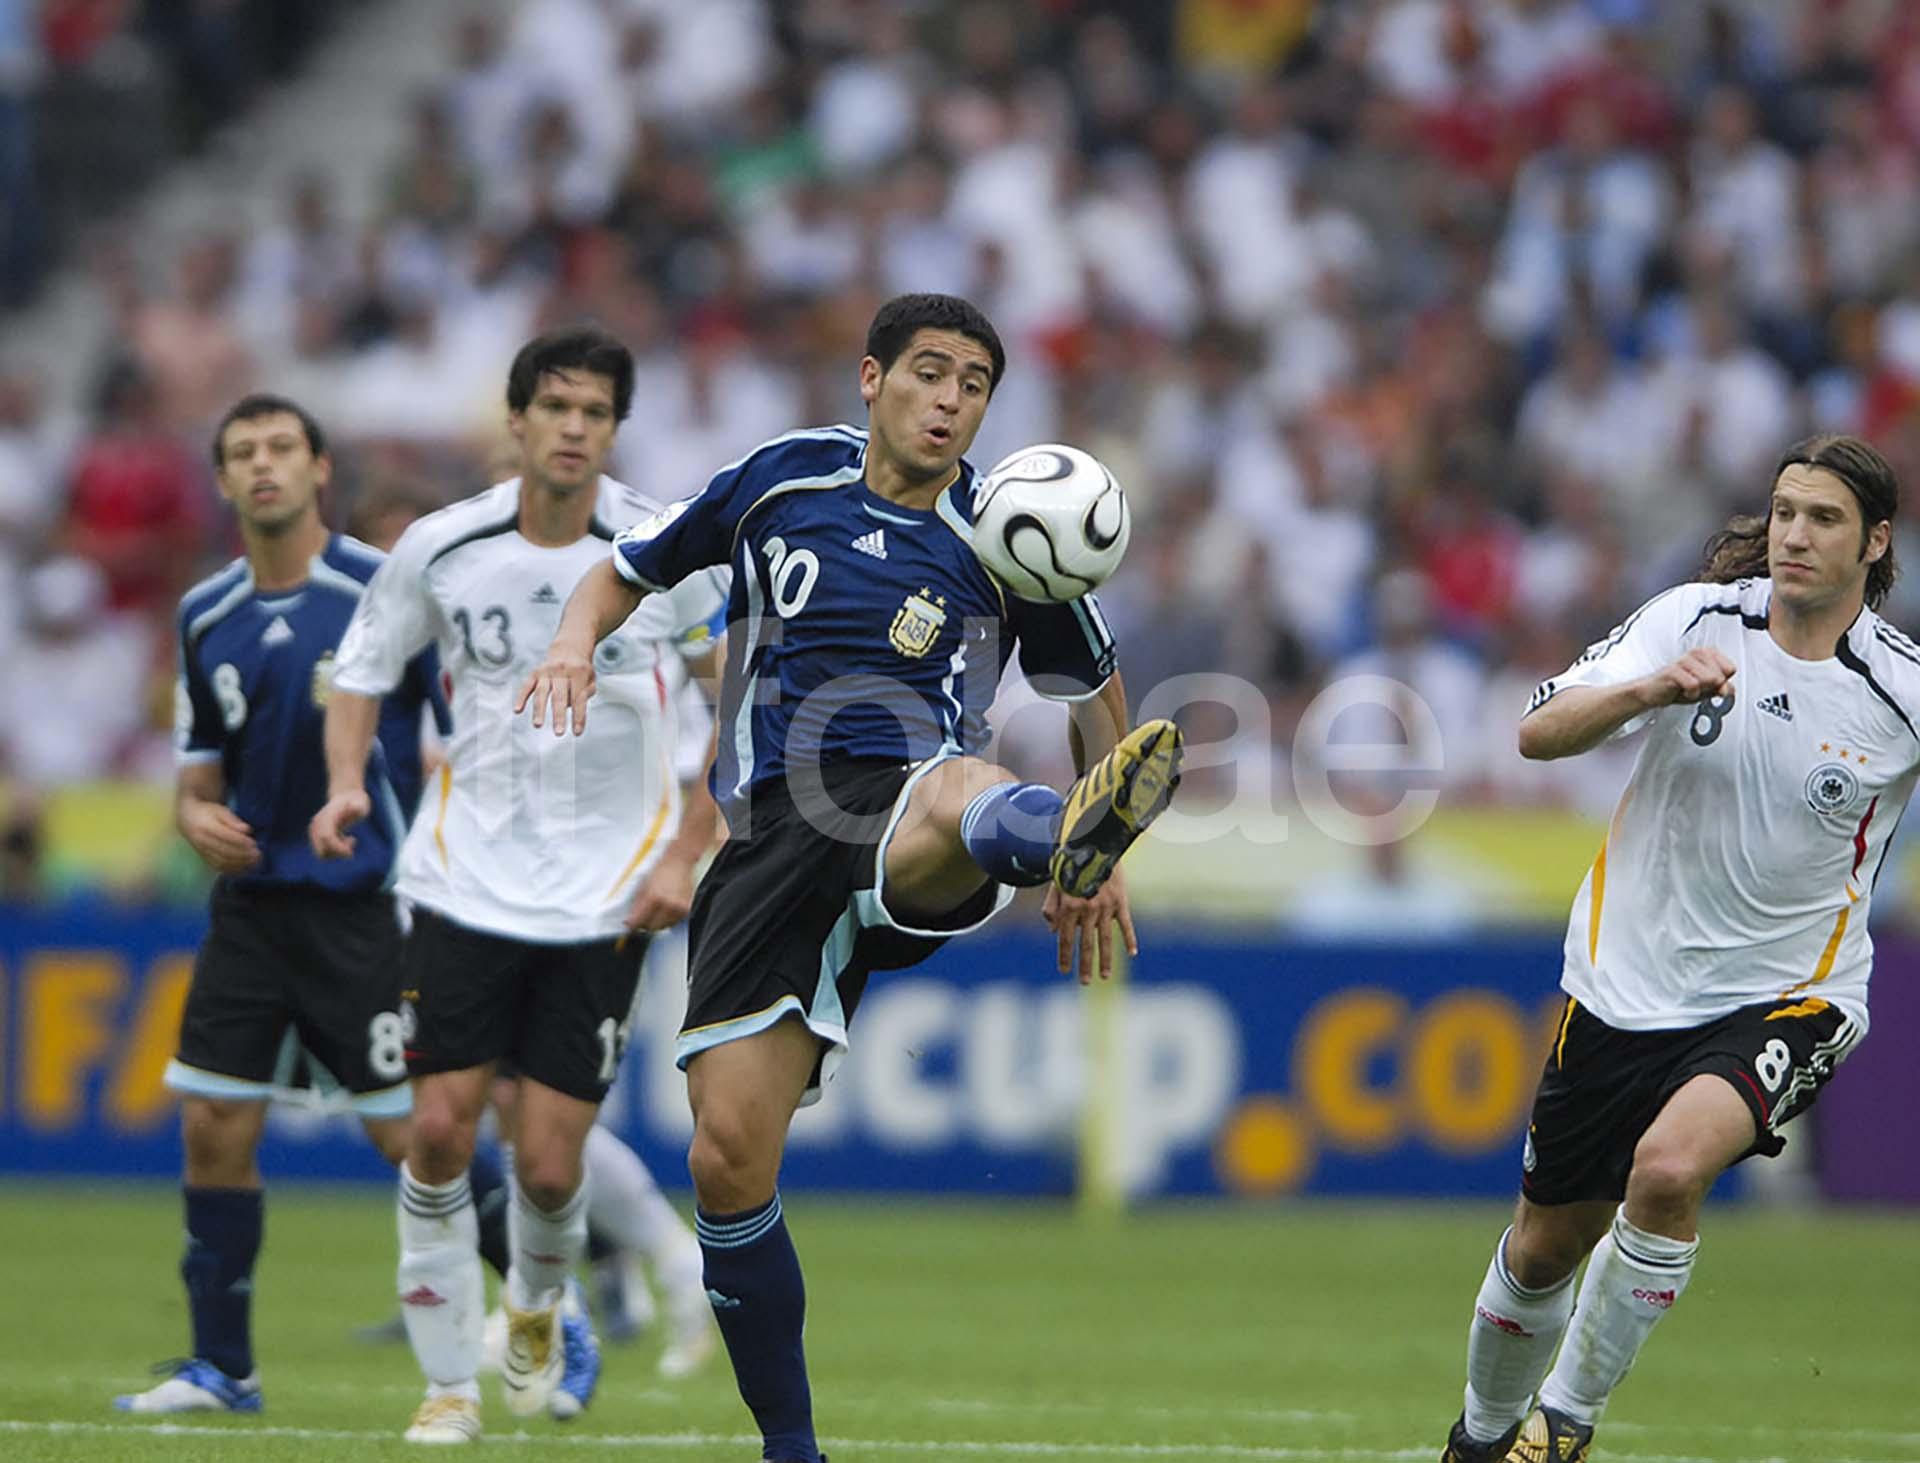 Juan Román Riquelme controla la pelota en el duelo en el que Argentina cayó ante Alemania por penales en cuartos de final y quedó eliminada del Mundial 2006